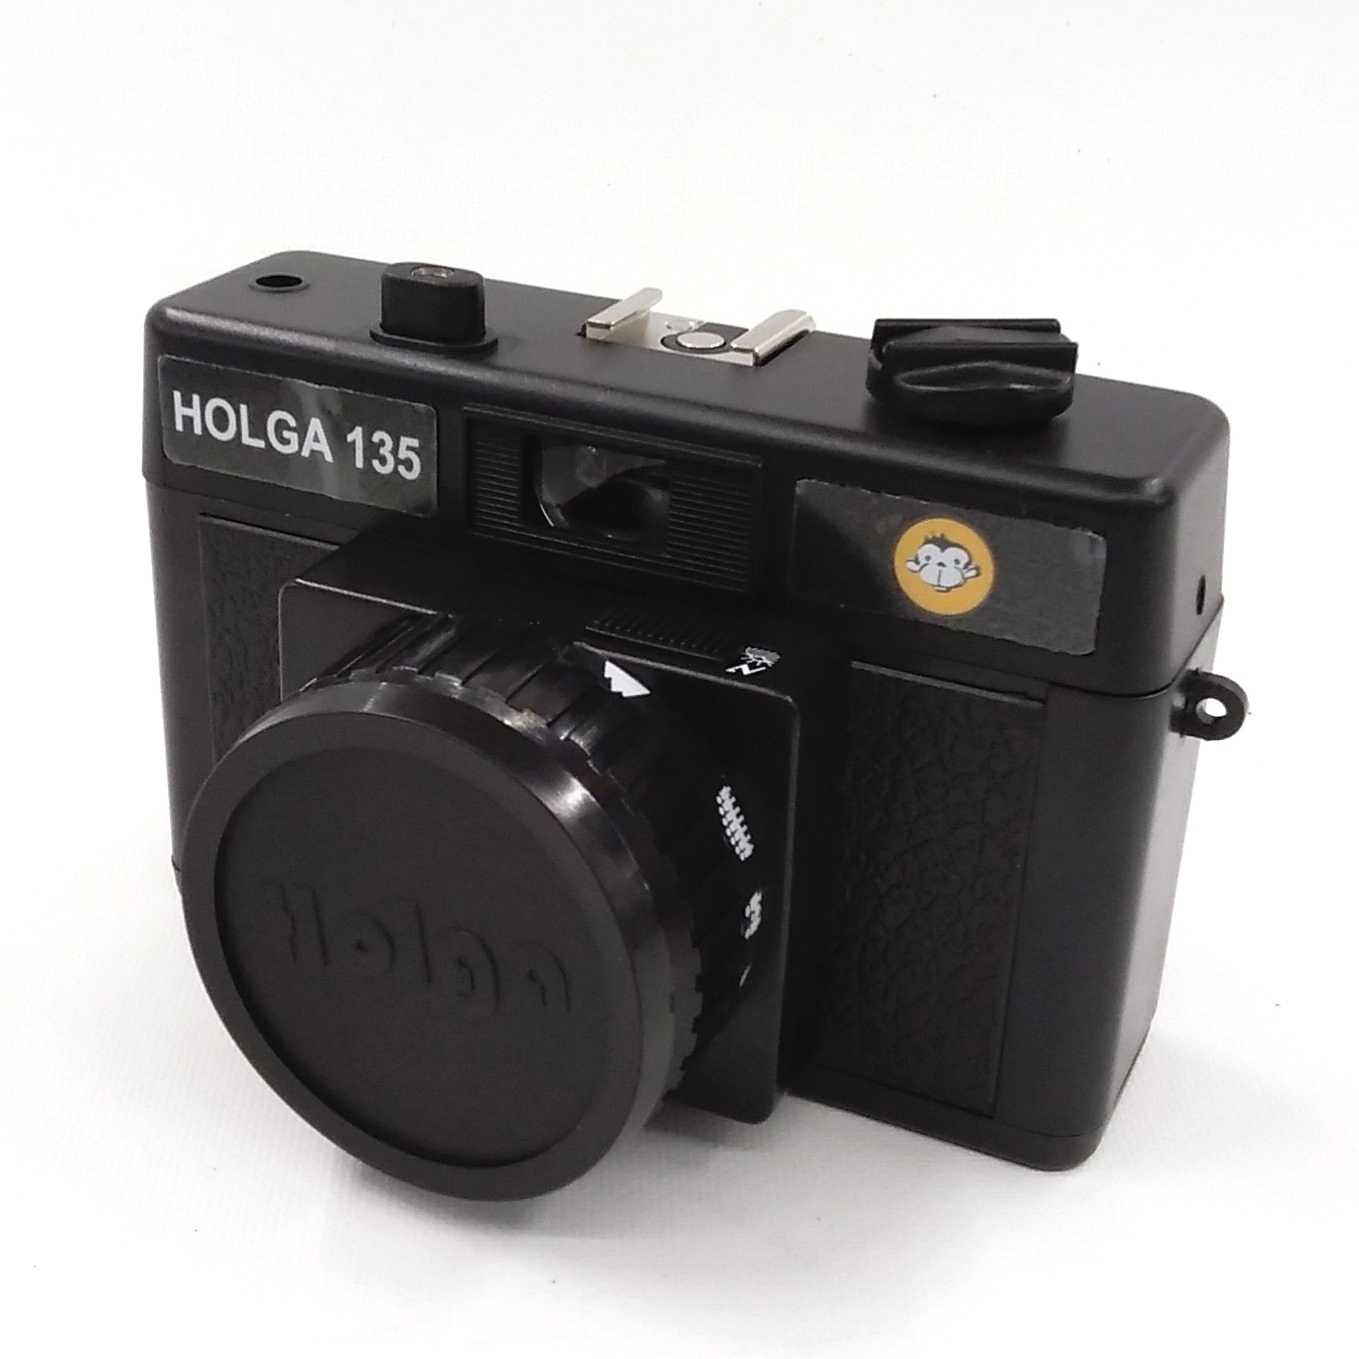 トイカメラ|HOLGA